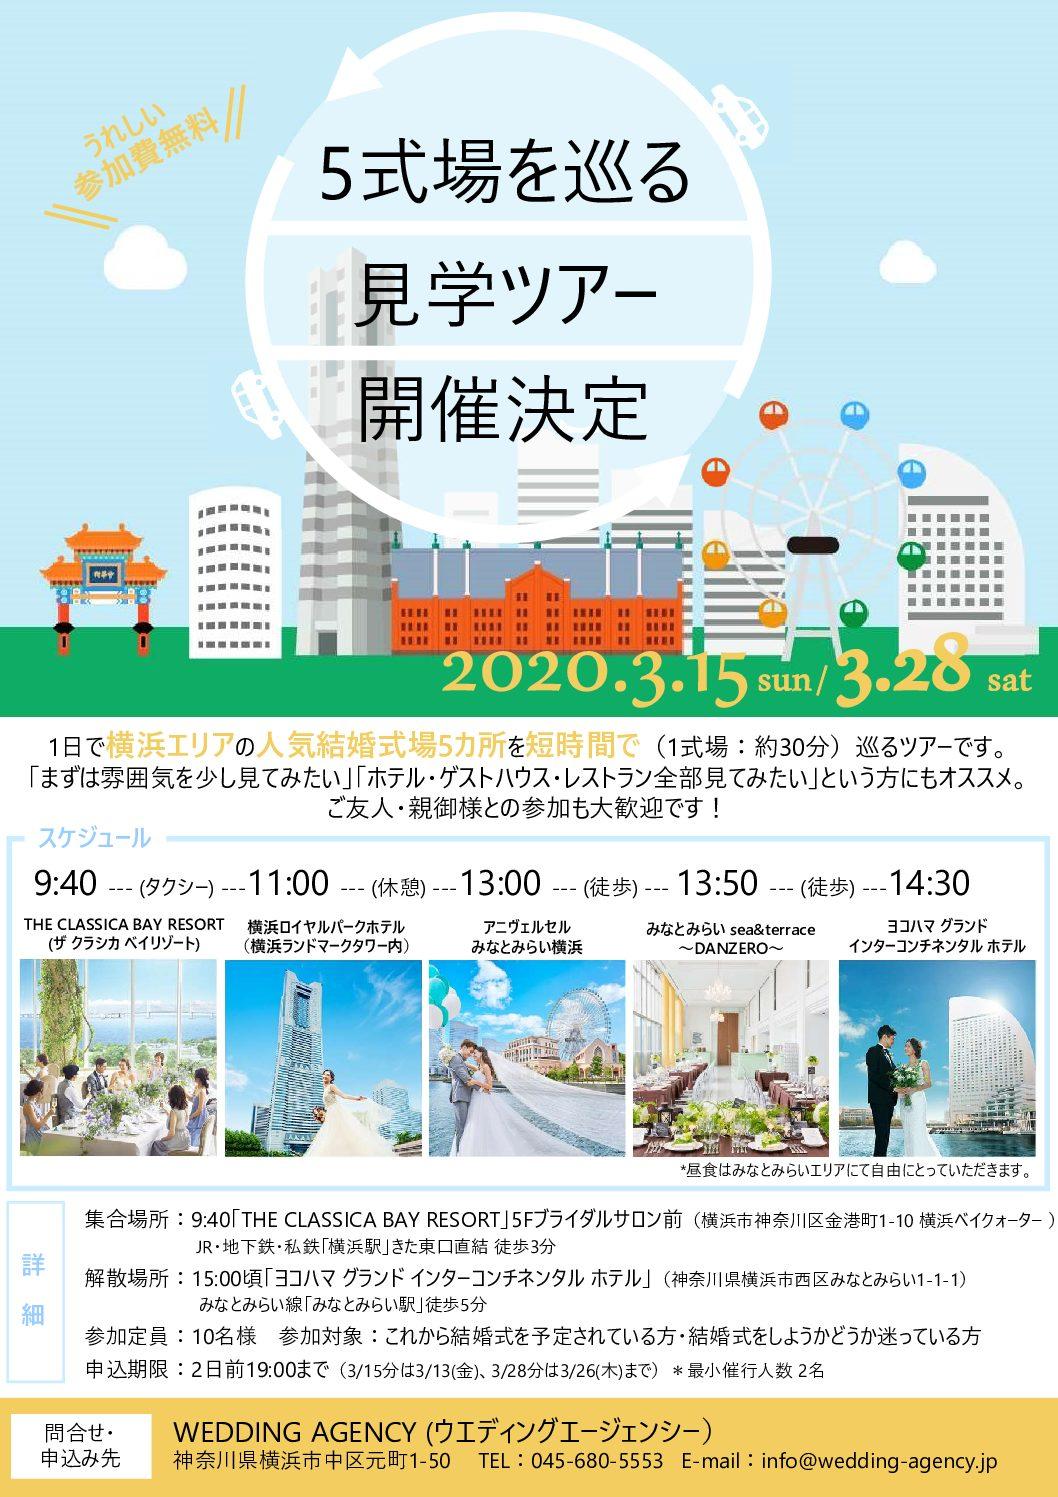 横浜の人気5式場を巡る見学ツアー開催〈参加費無料〉 横浜 元町 ウエディングサロン